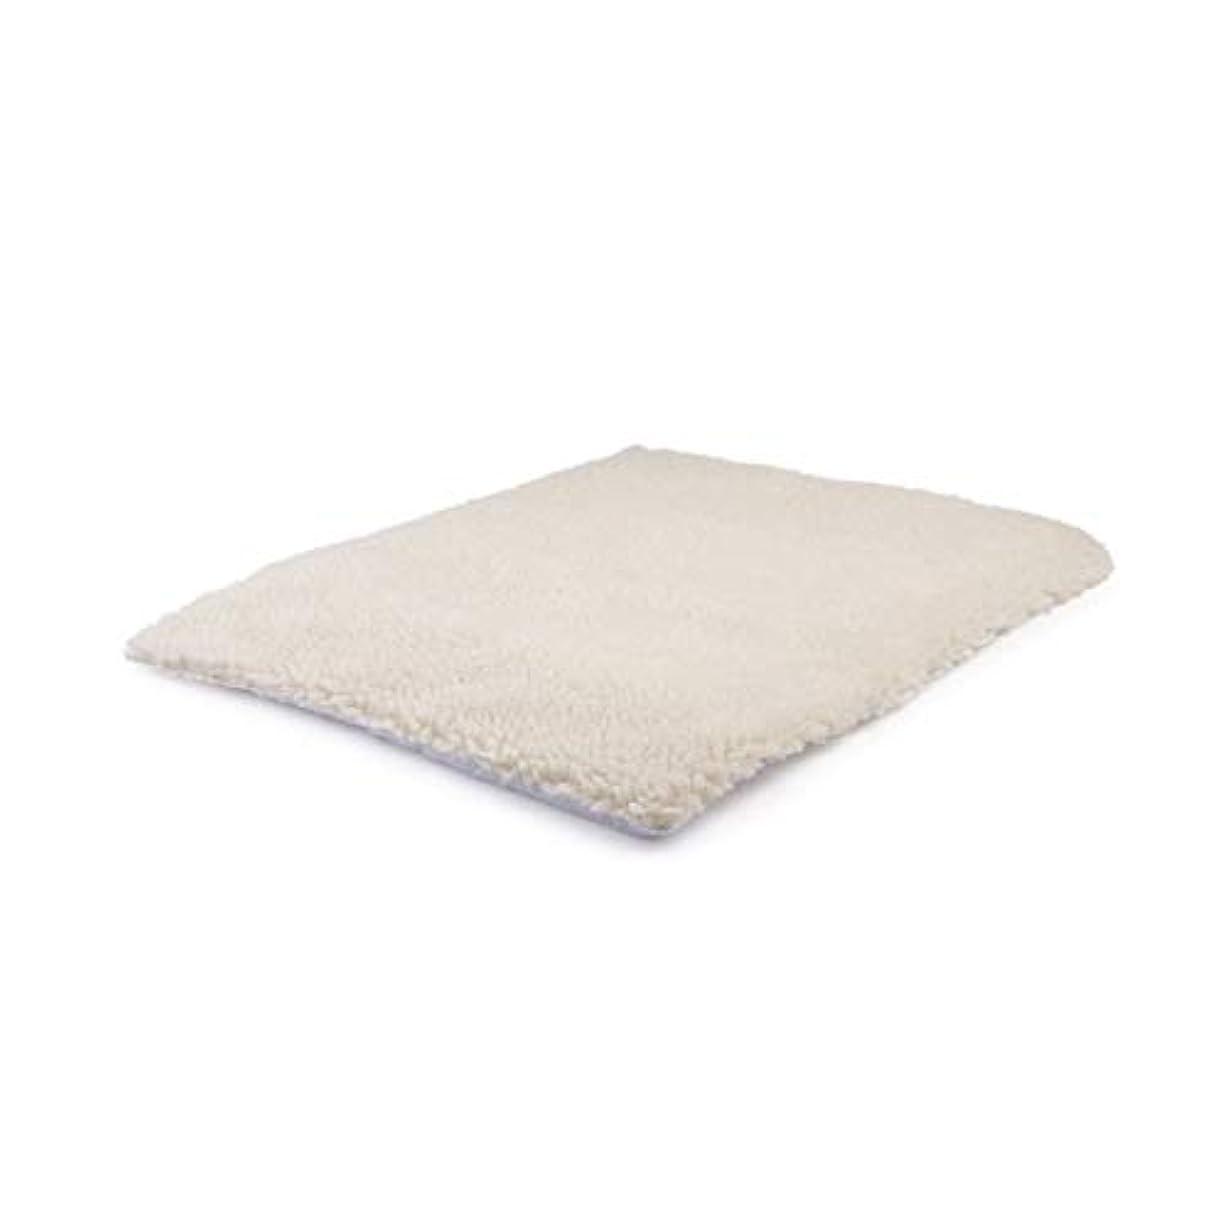 ファイルメンター化学Saikogoods 自己発熱ペット毛布 ペットベッド ウォッシャブル ノーエレクトリック スーパーソフト 子犬子猫毛布 ベッドマット ベージュ 640×460mm